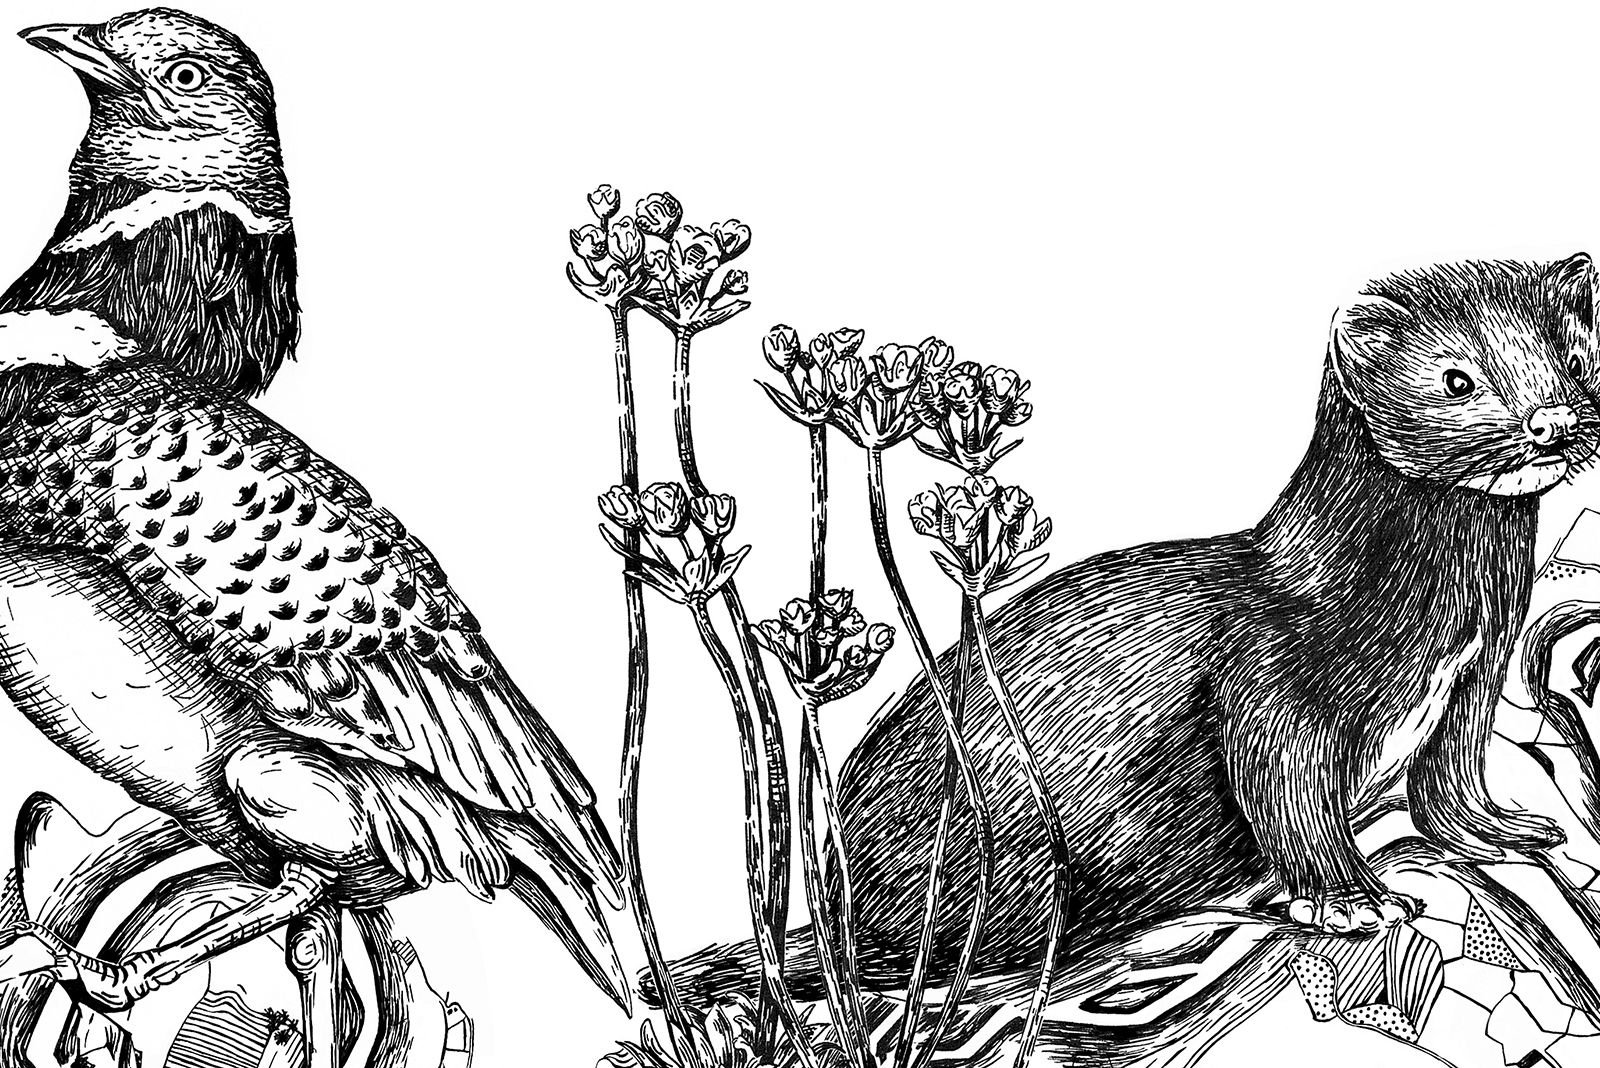 Ilustración etiqueta de vino Taller. Reivindicación de la flora y fauna en extinción de La Rioja.